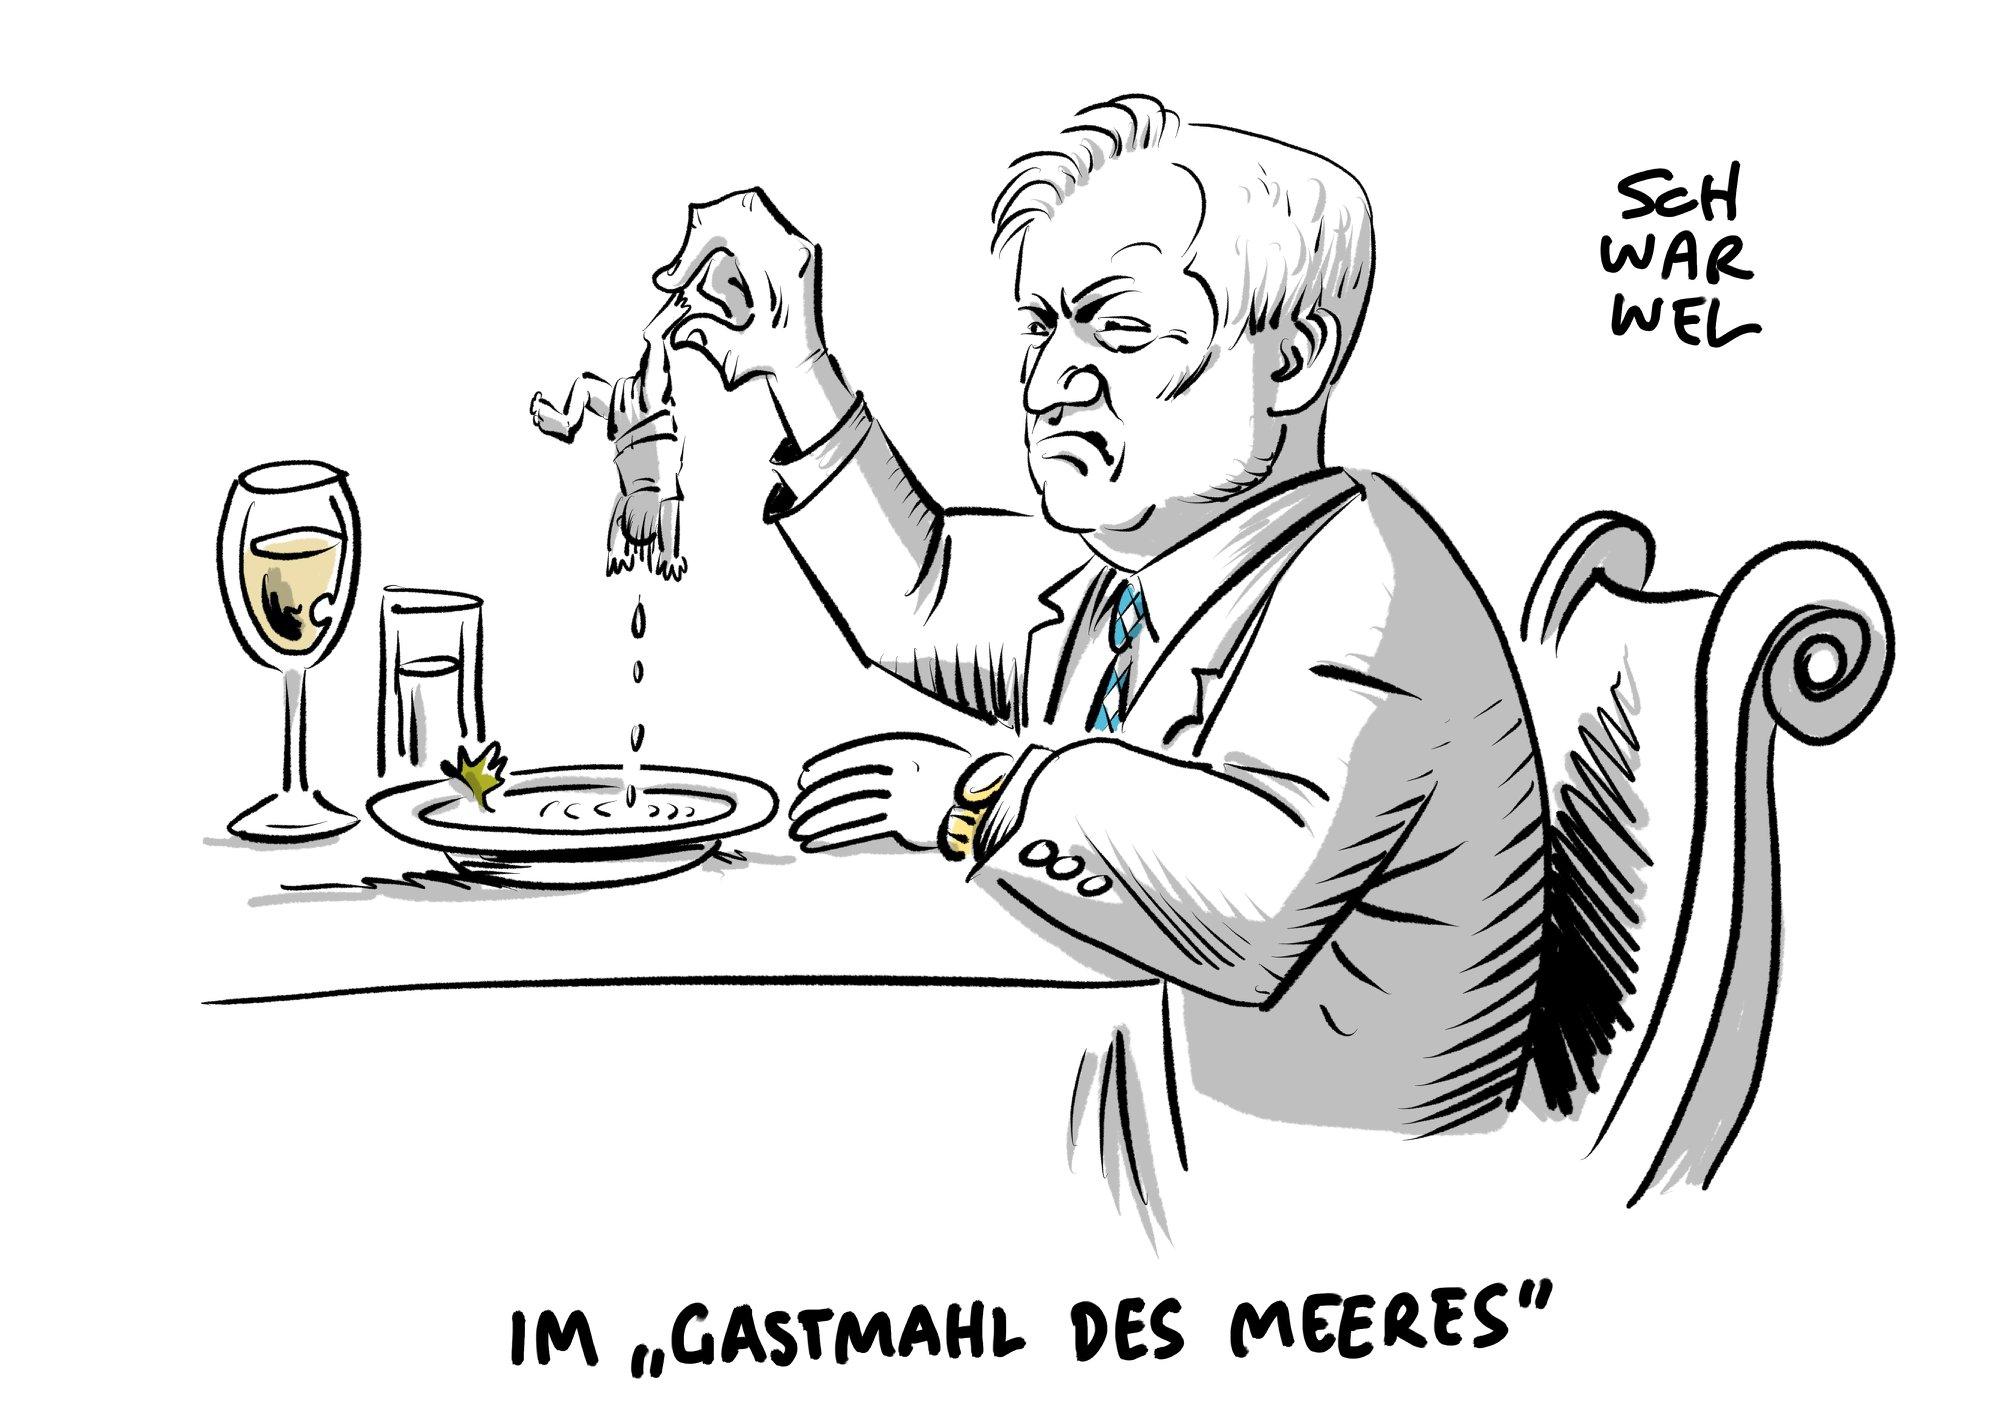 © Schwarwel 2018, www.Schwarwel-karikaturen.com